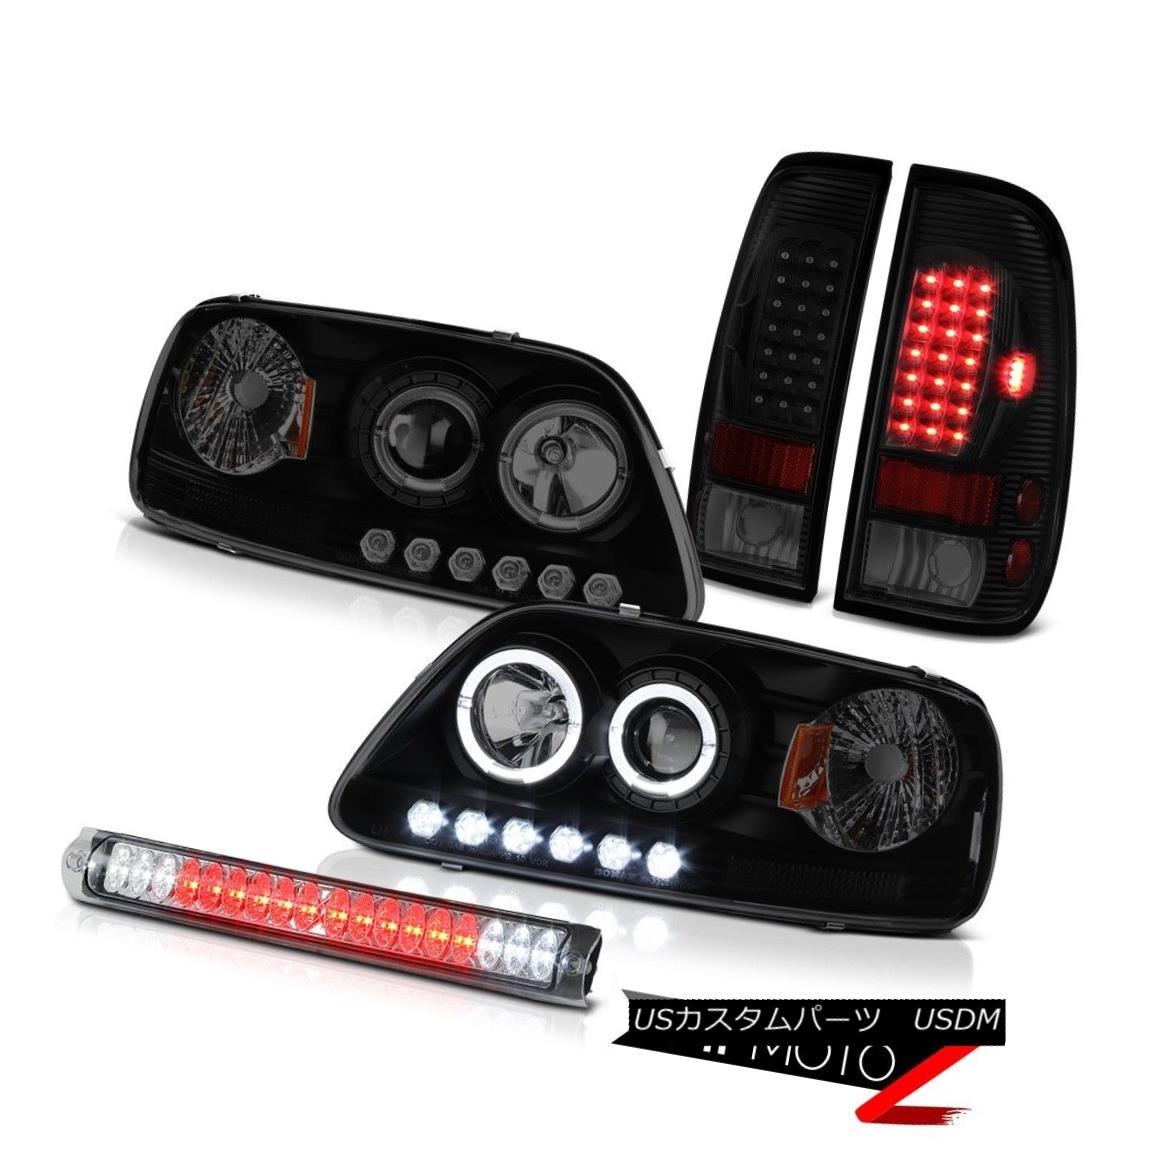 テールライト 97-03 Ford F150 Roof Cab Lamp Taillights Headlights LED Dual Halo